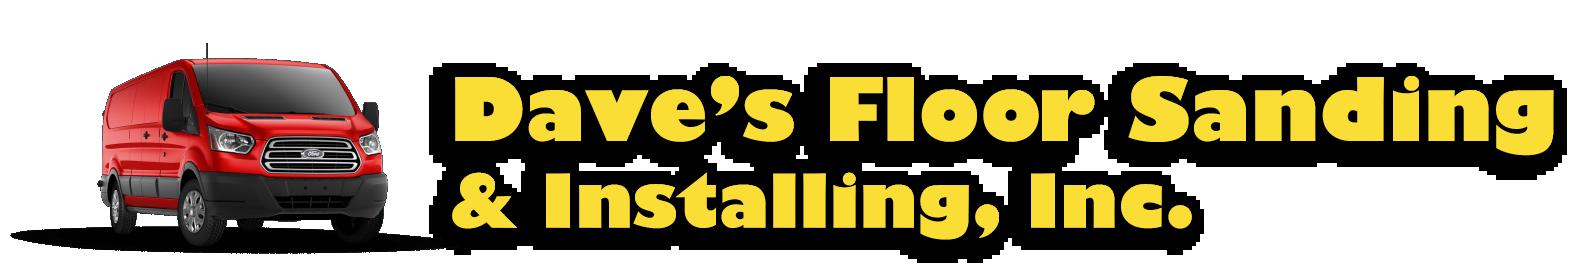 Dave's Floor Sanding & Installing, Inc. logo